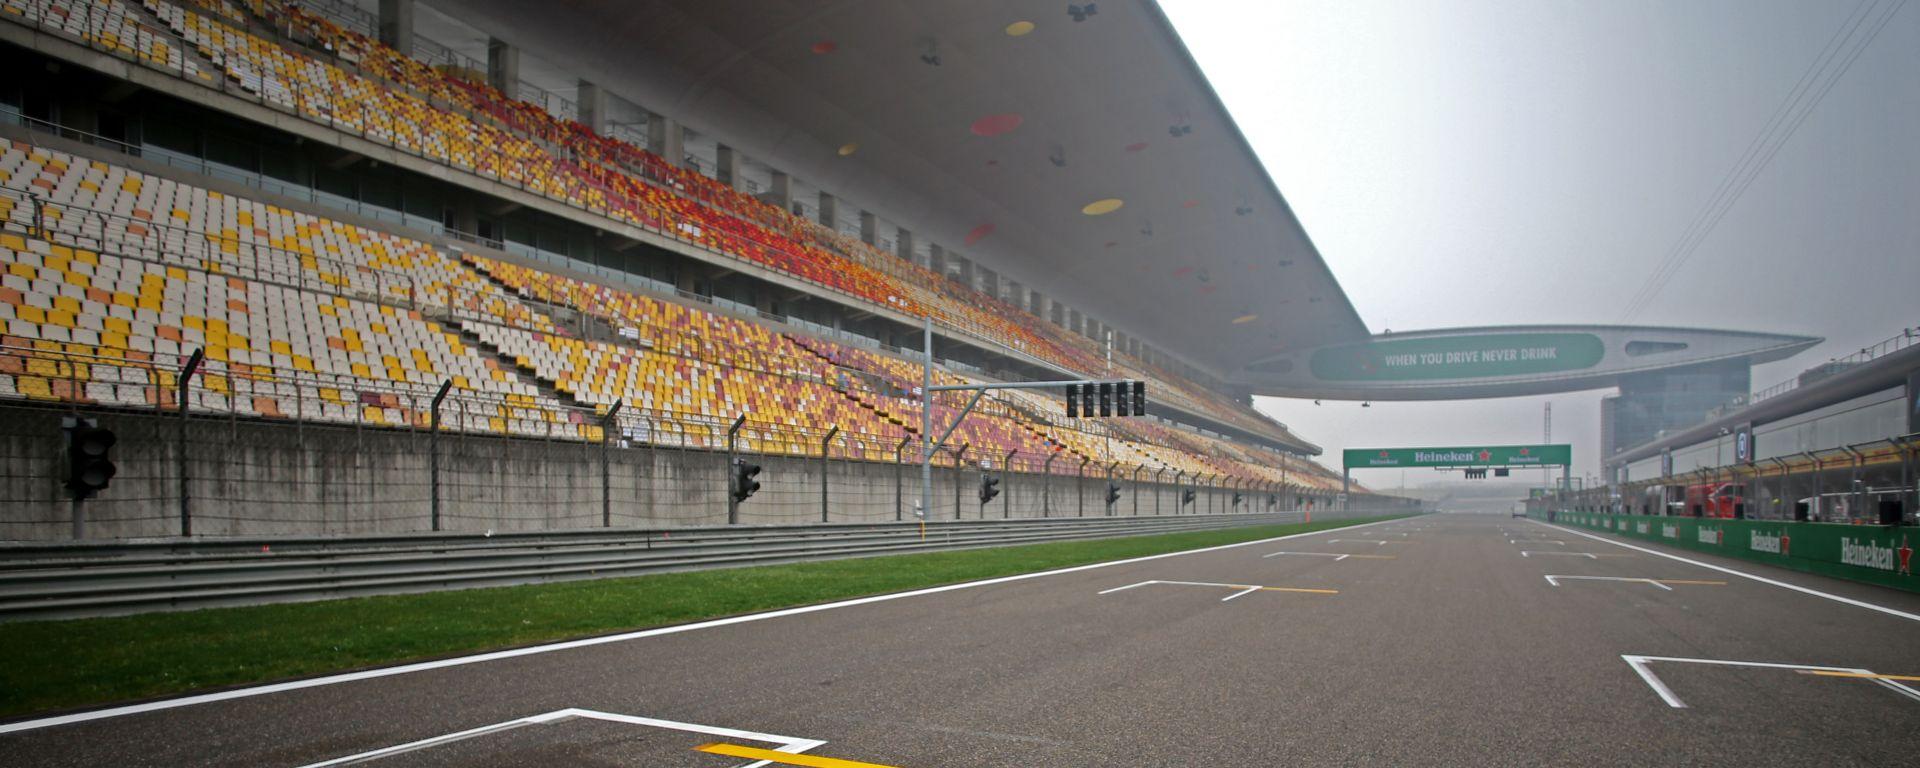 F1: il circuito di Shanghai, sede del GP Cina